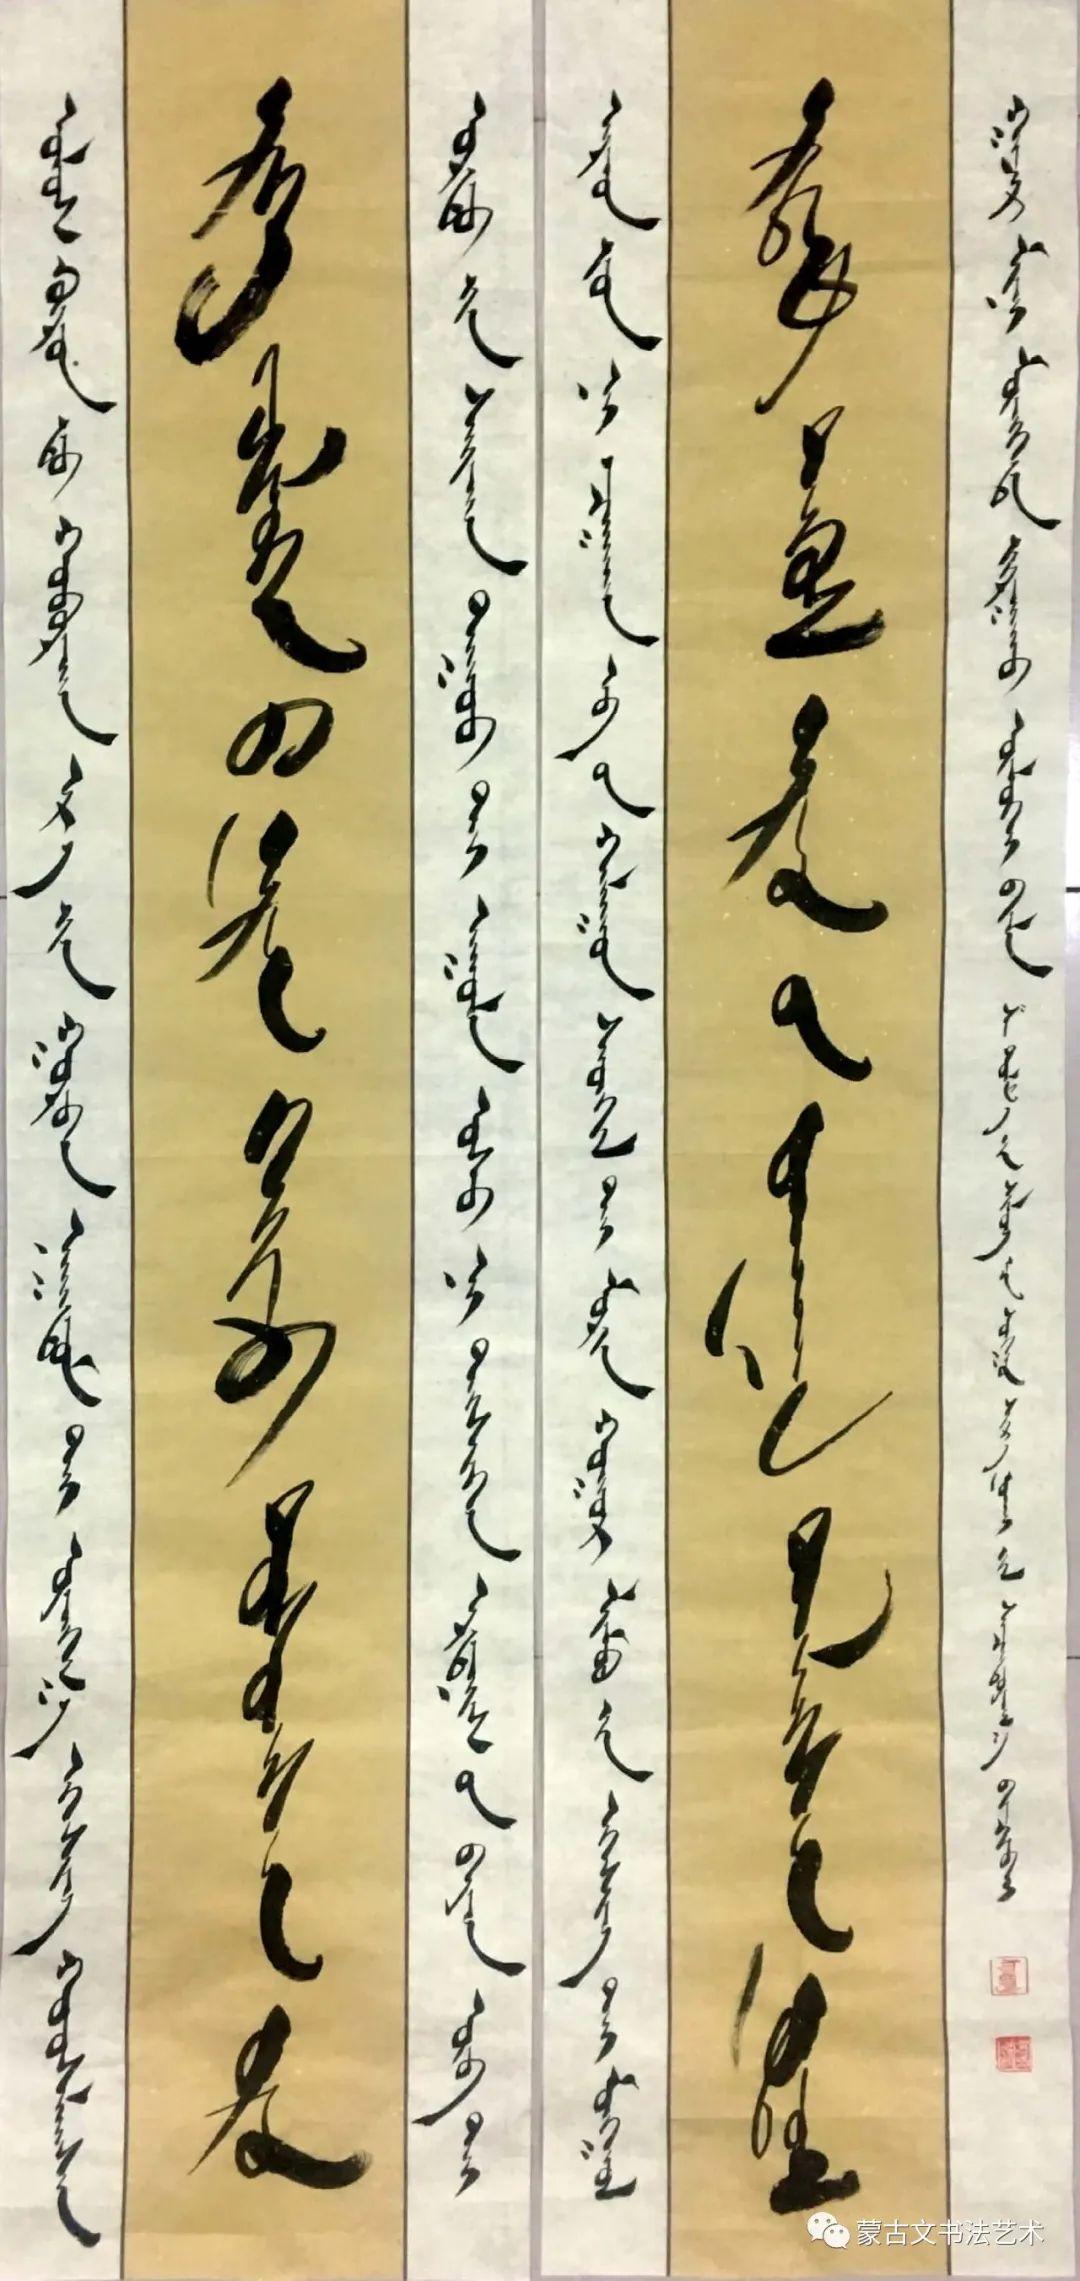 斯琴图雅蒙古文书法作品 第6张 斯琴图雅蒙古文书法作品 蒙古书法